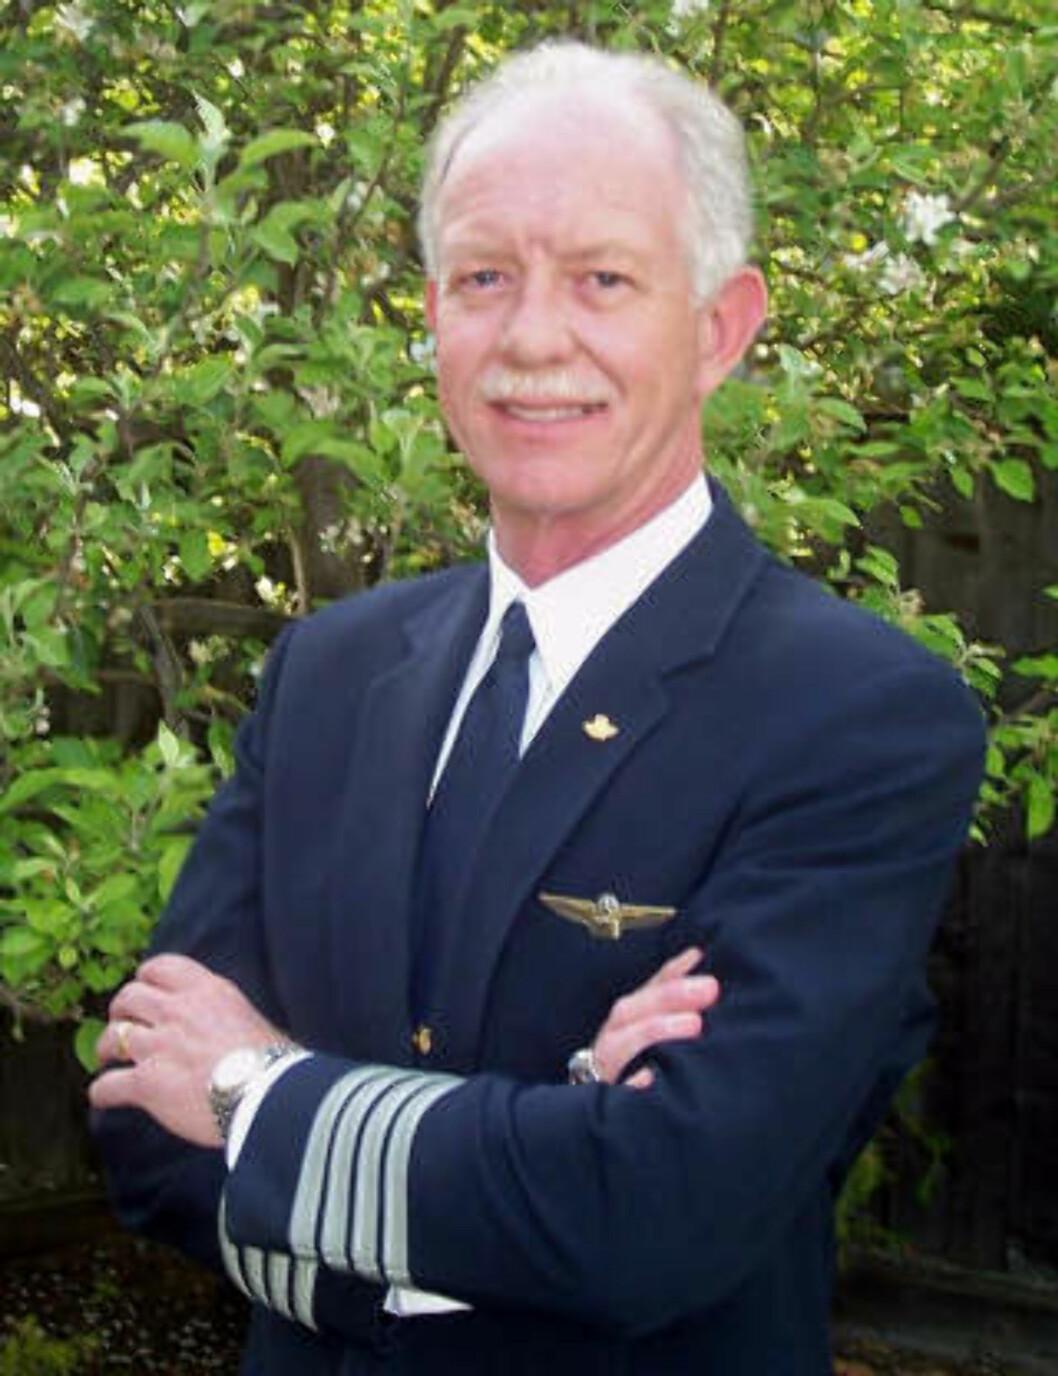 <strong>HYLLES SOM HELT:</strong> Chesley B. Sullenberger III, «Sully» blant venner, var rett mann bak spakene da flyet mistet begge motorene. Foto. REUTERS/Safety Reliability Methods/Scanpix